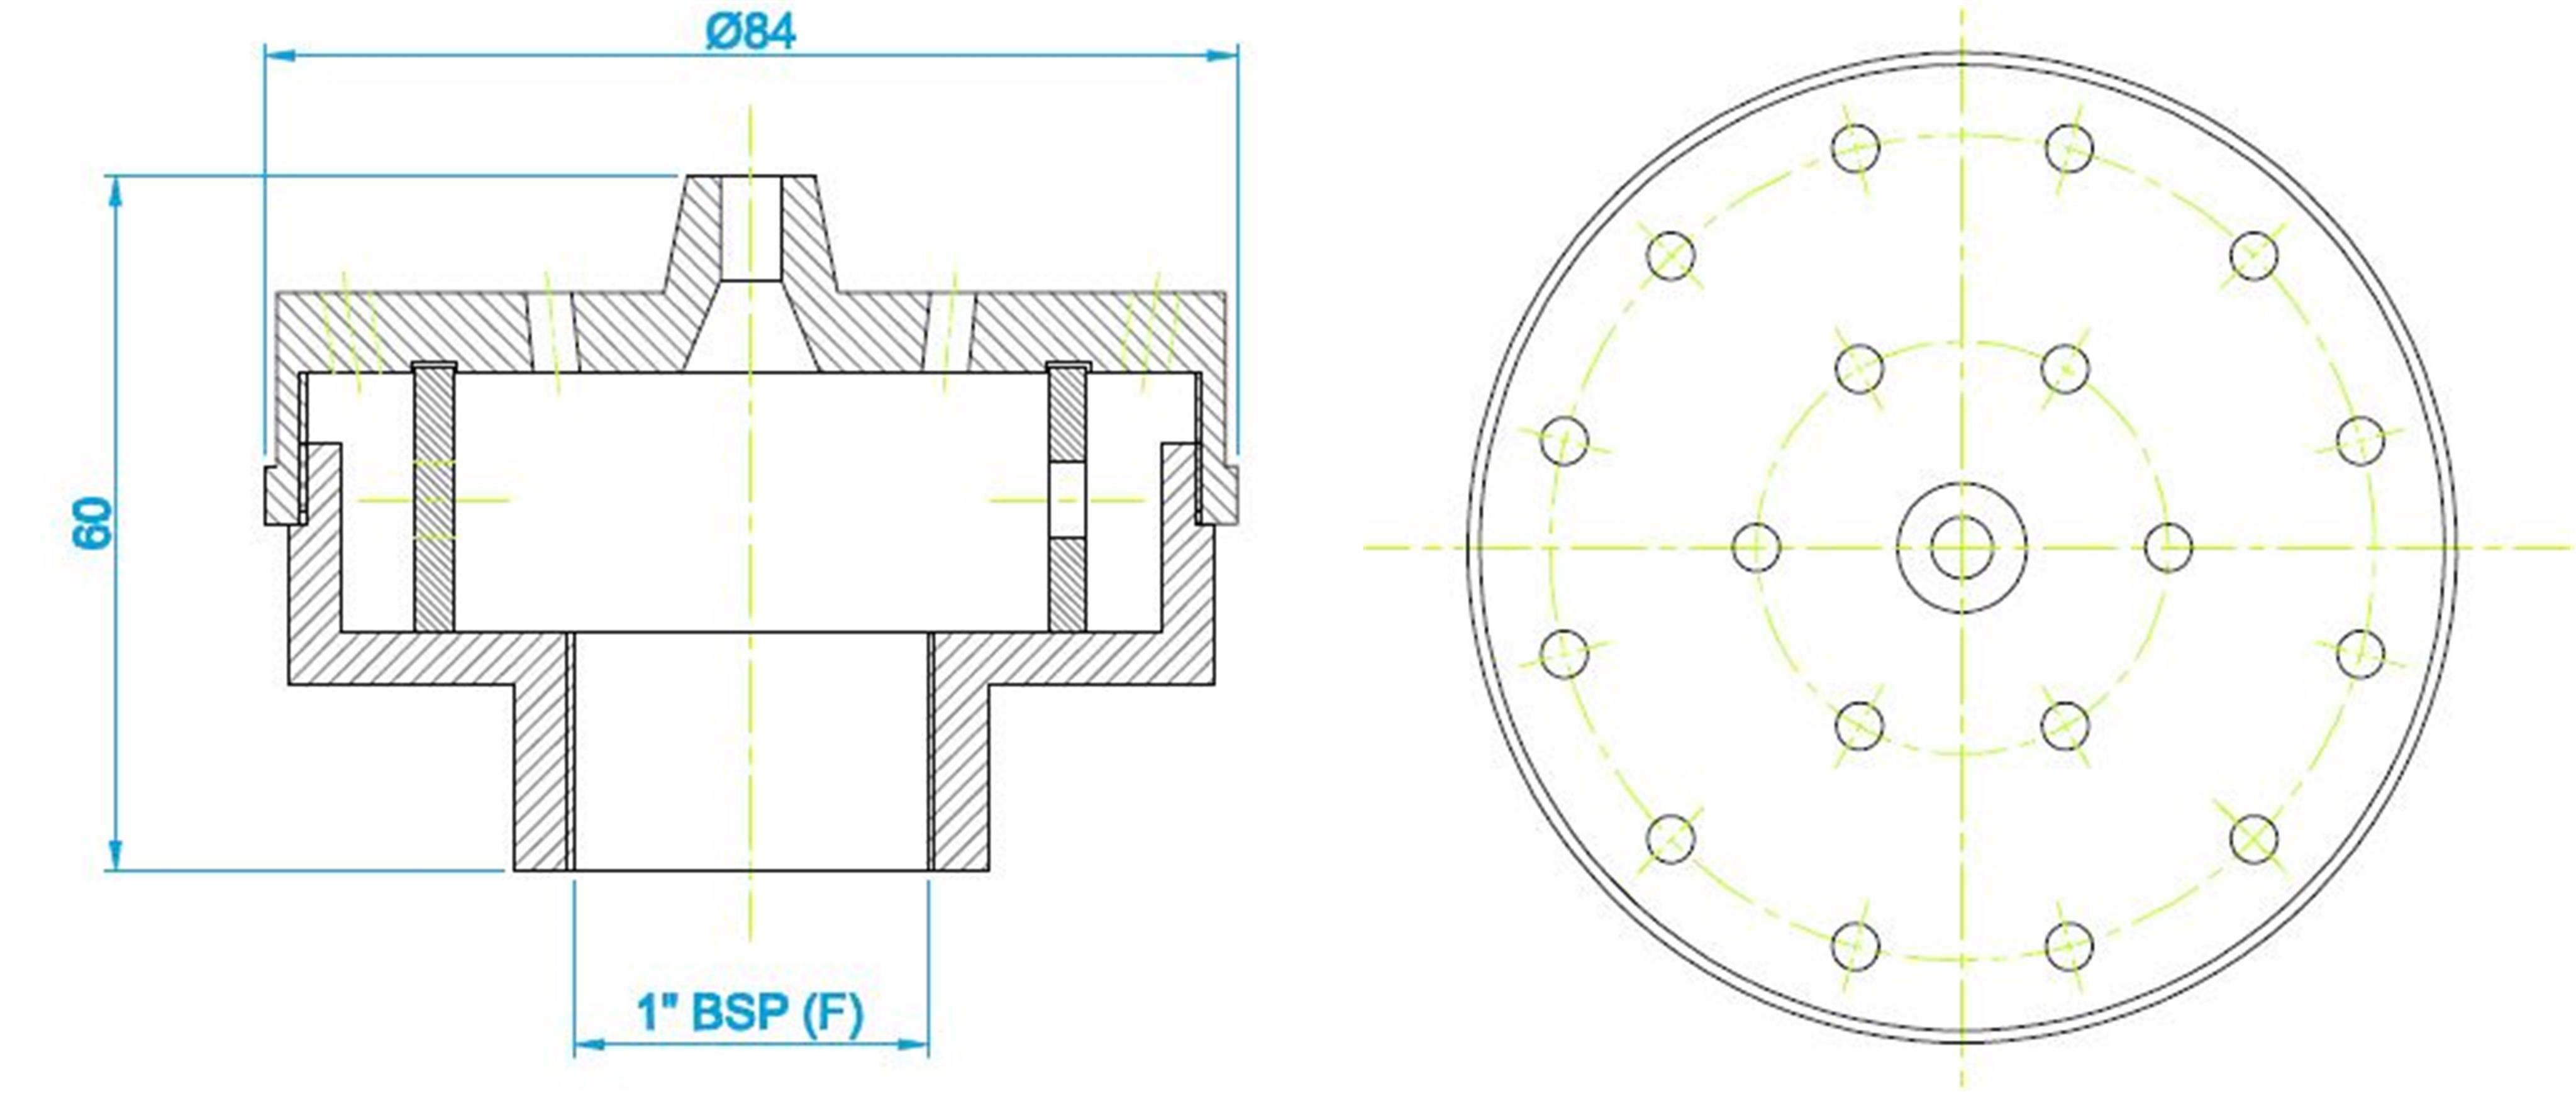 FT1102 1.0 Vulcan 19